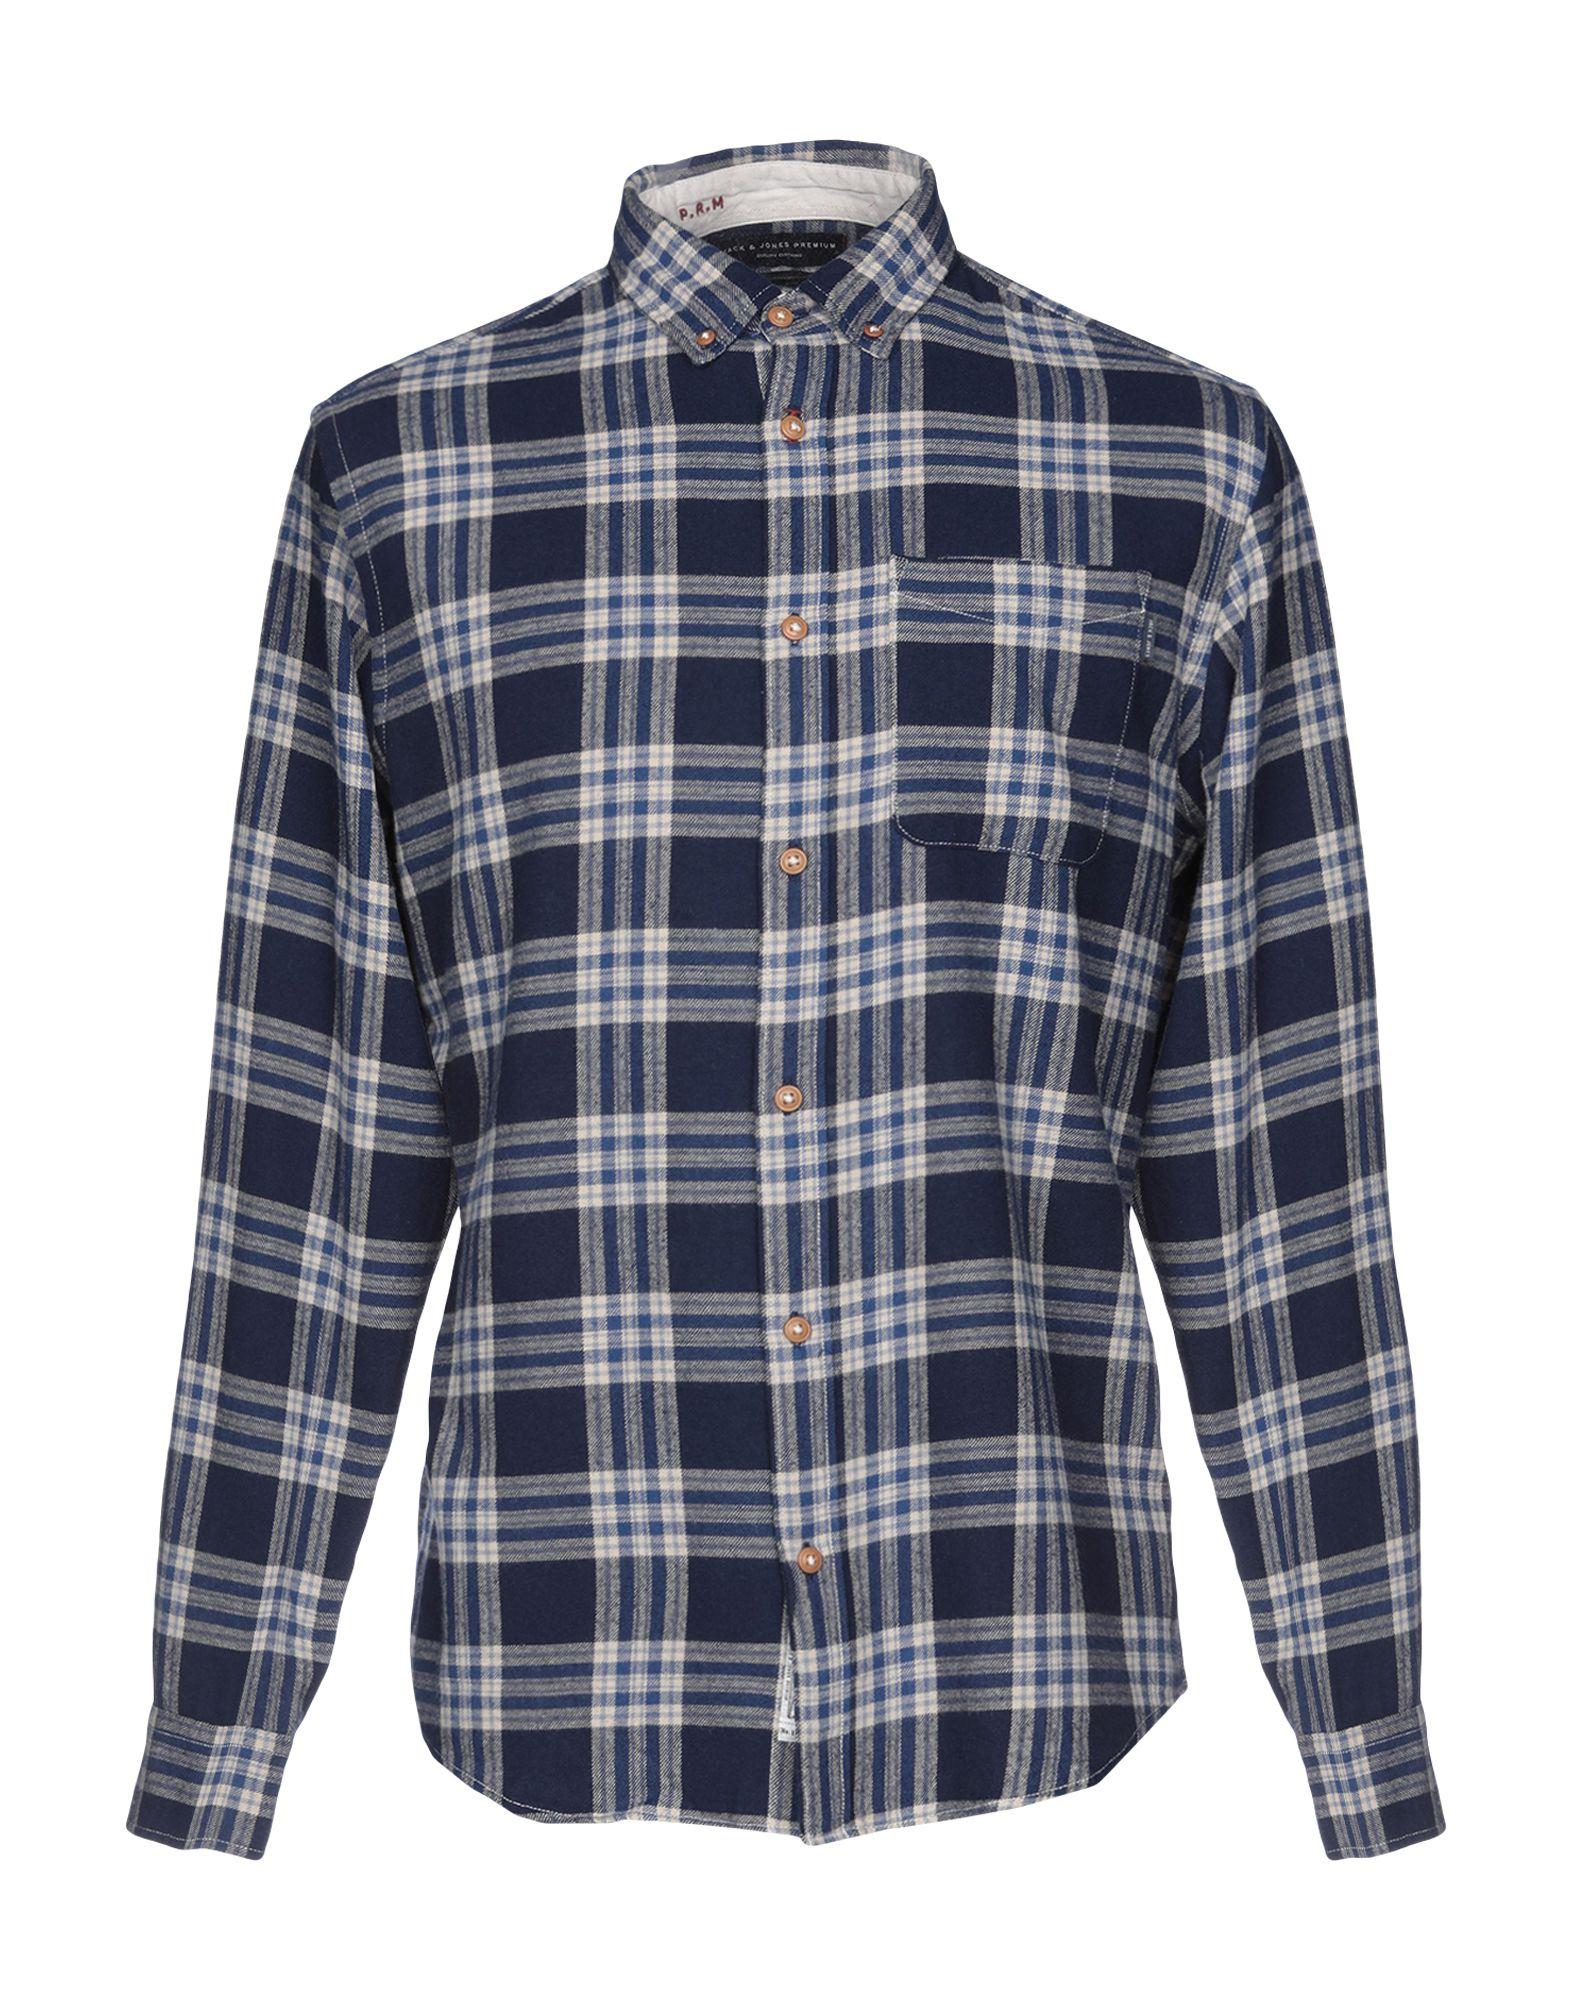 《送料無料》JACK & JONES PREMIUM メンズ シャツ ブルー M コットン 100%